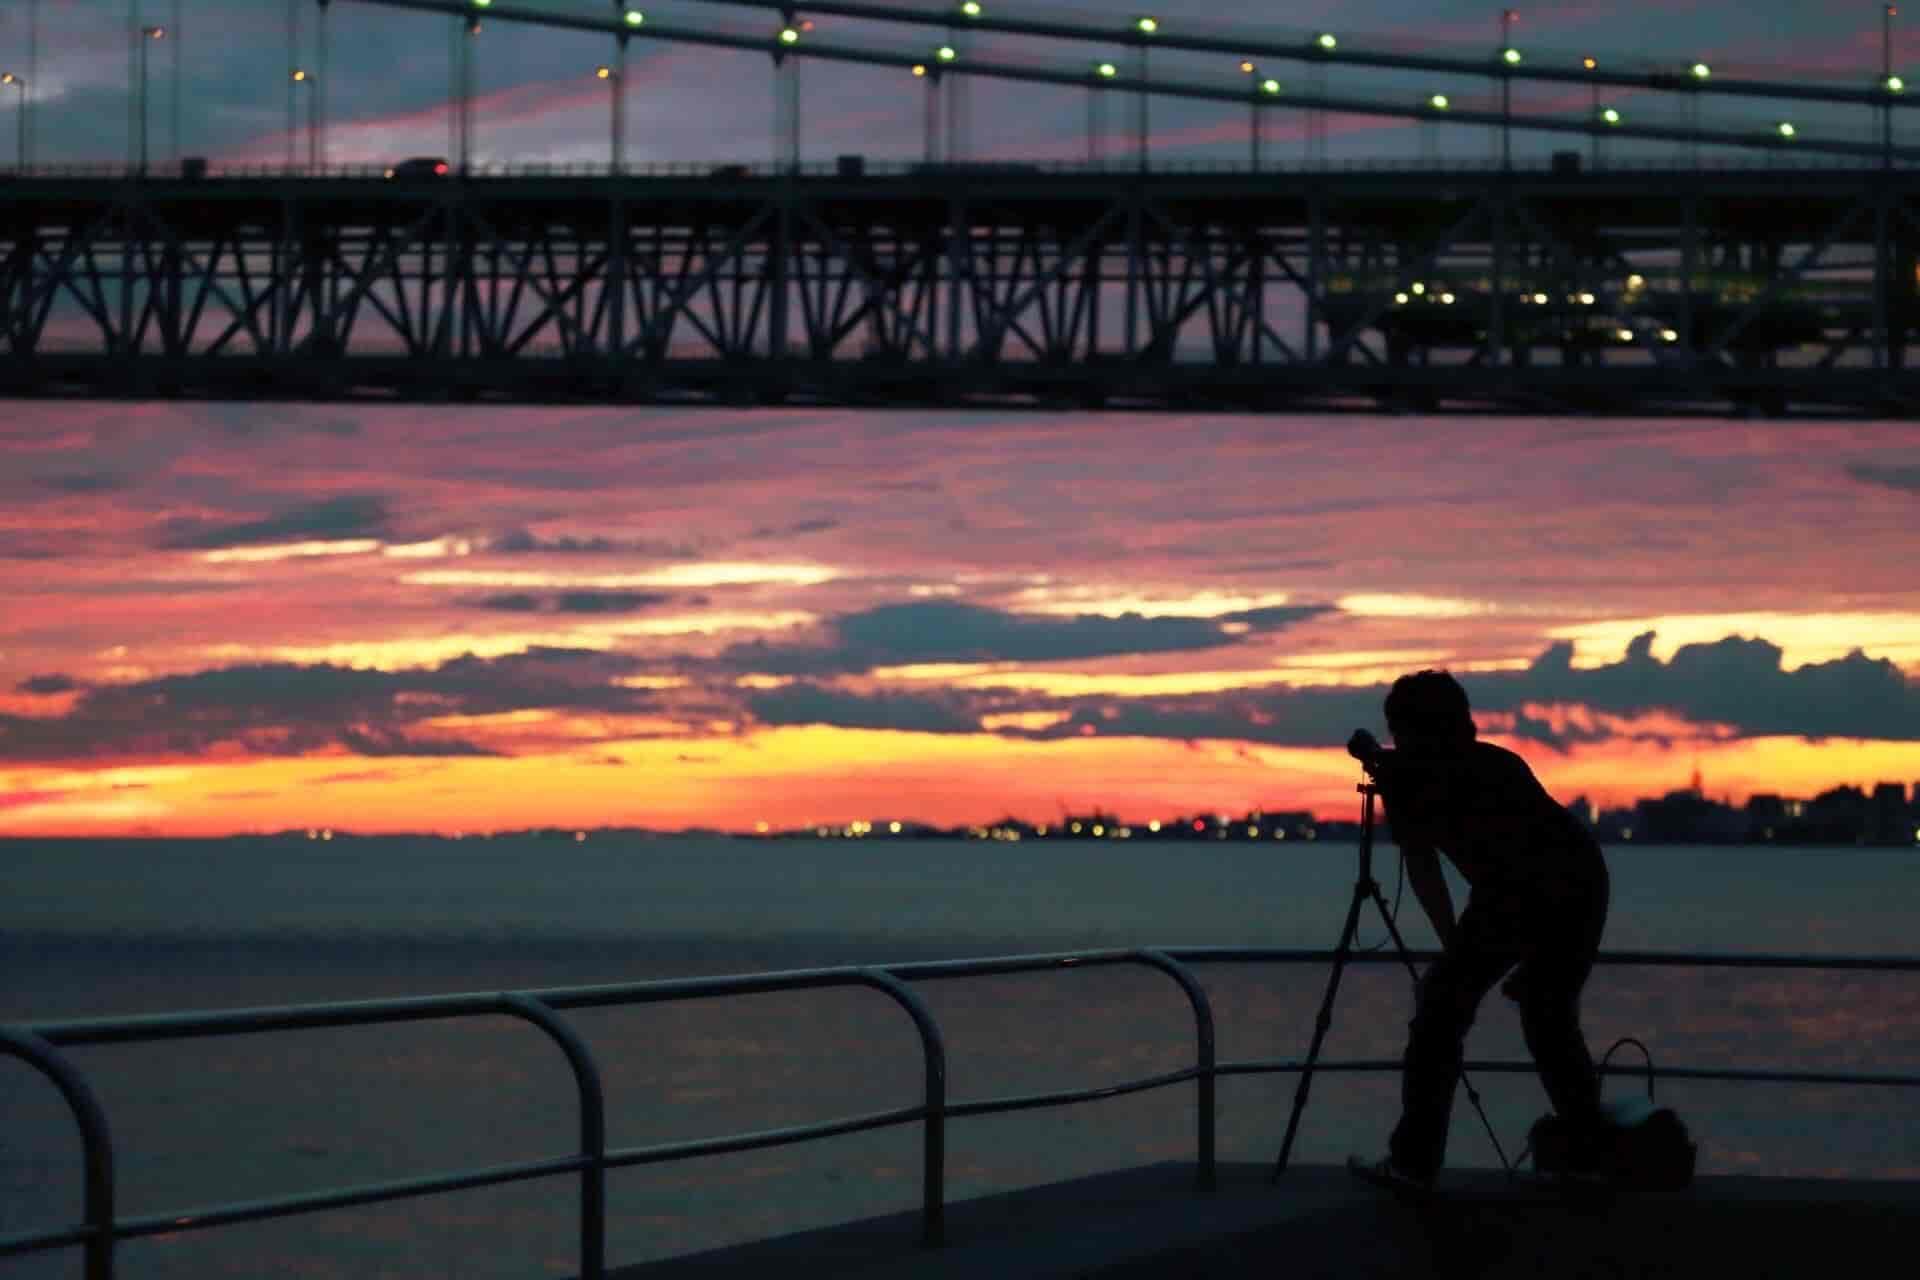 ラブ探偵事務所と他社の千葉県横芝光町での夜間暗視撮影